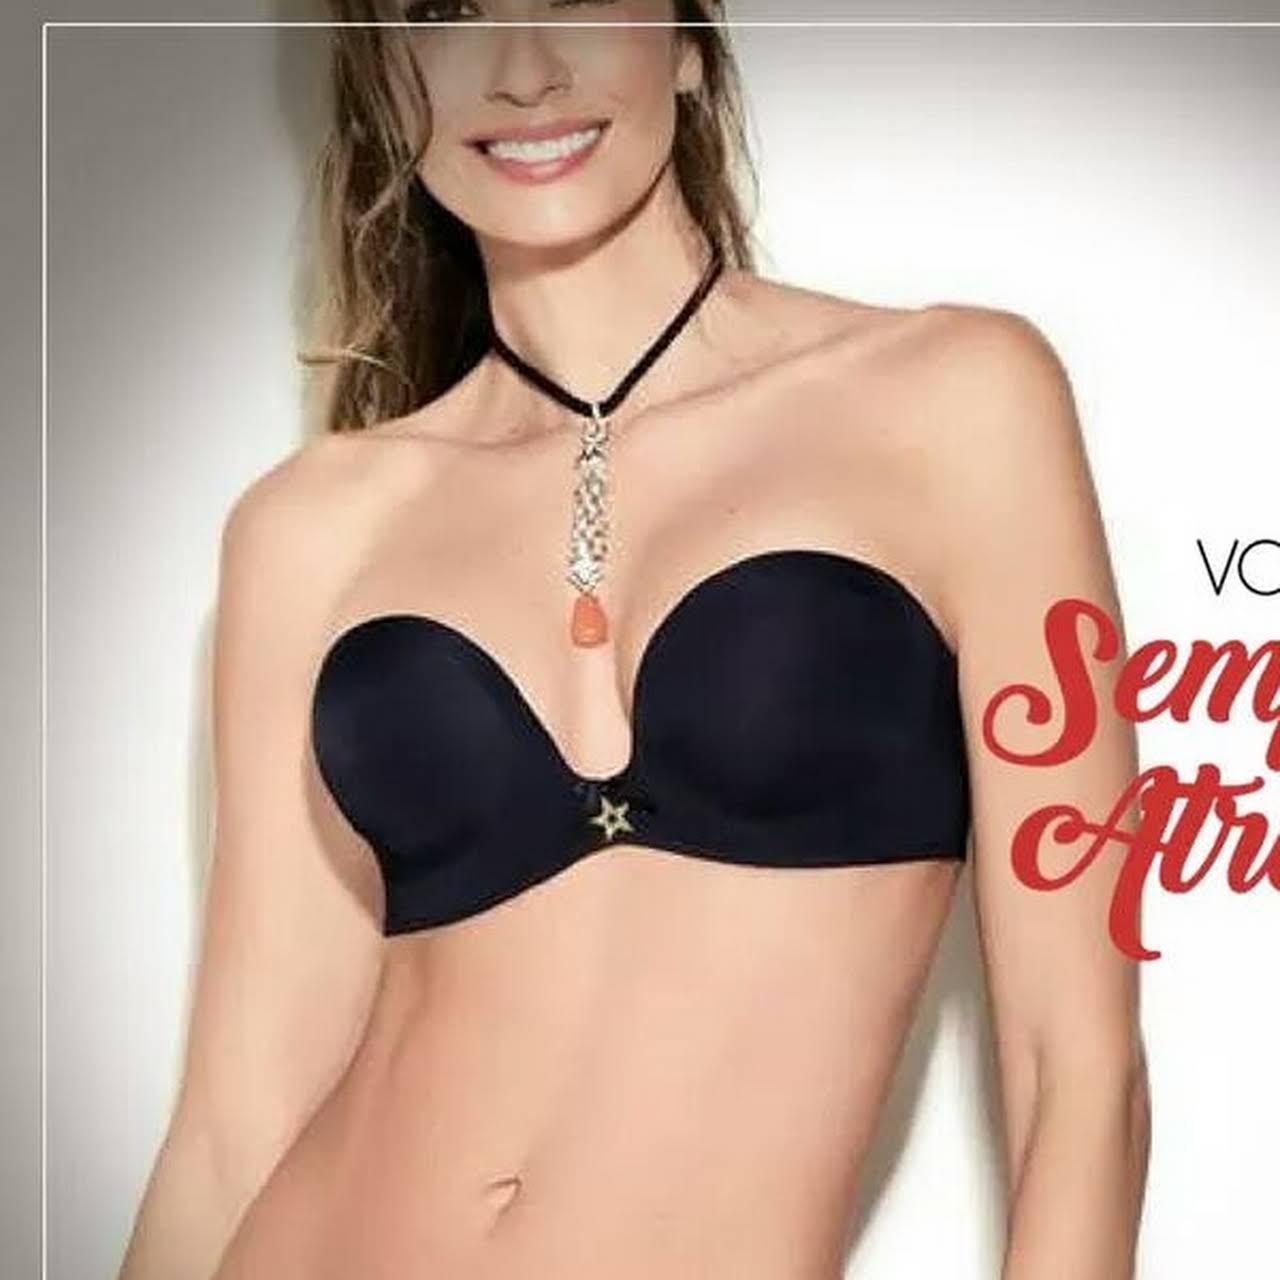 0019e2c91 Dona Pitanga Moda Íntima - Home shop de lingerie